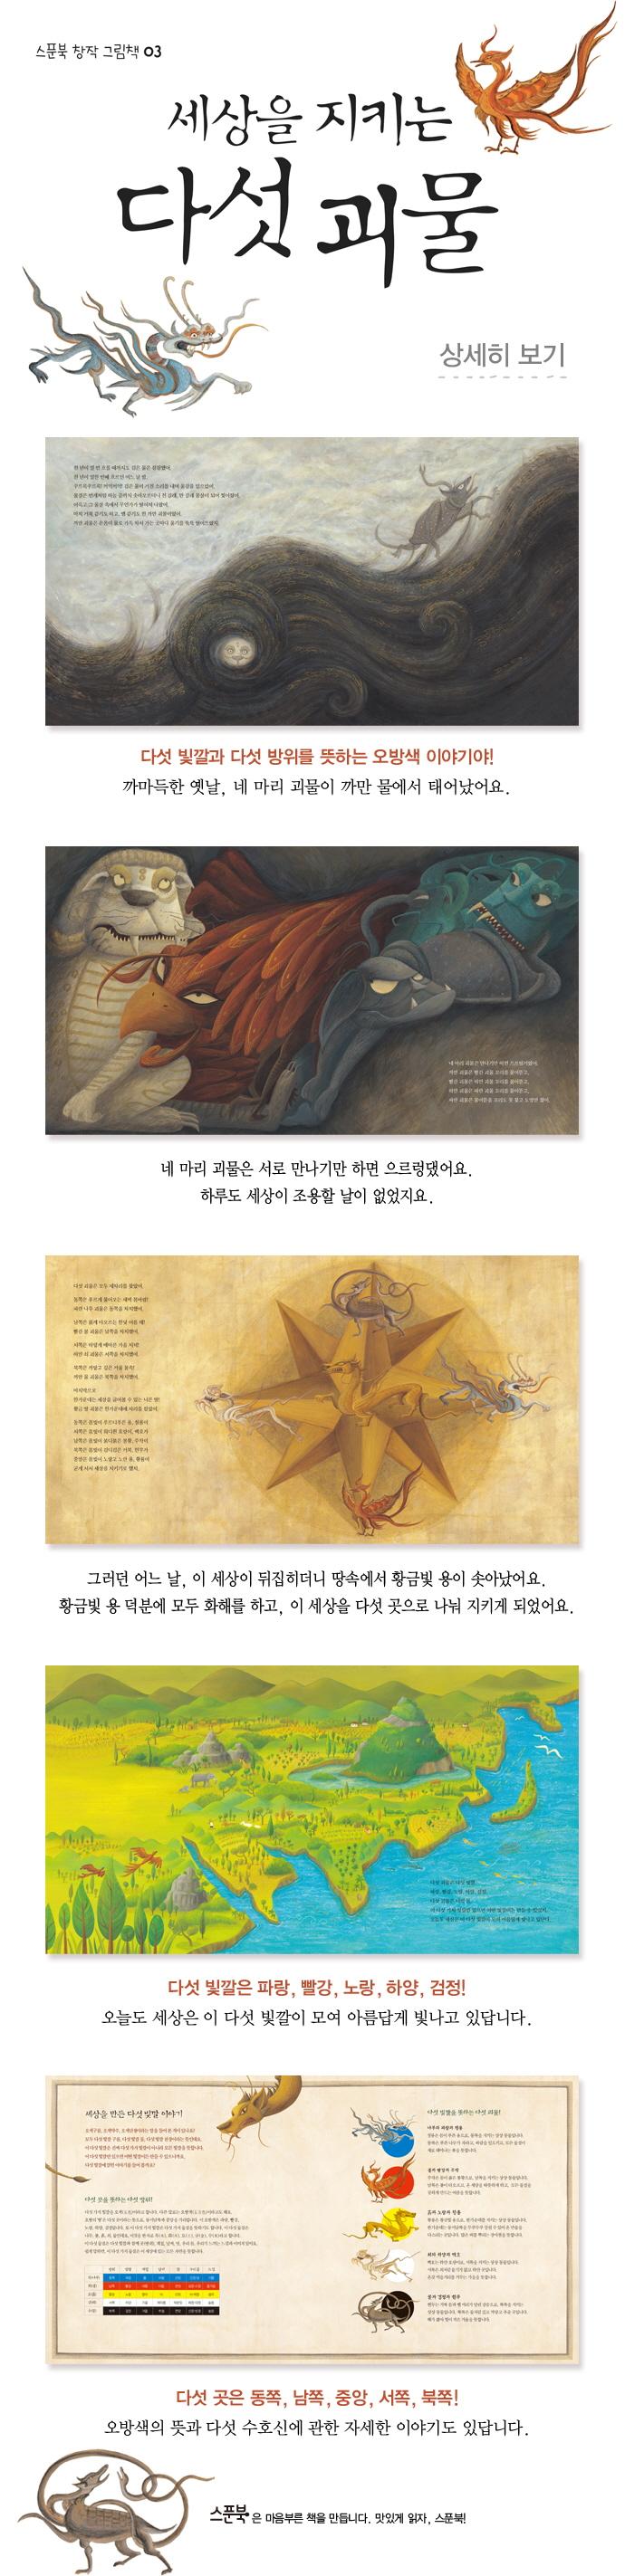 세상을 지키는 다섯 괴물(스푼북 창작 그림책 3)(양장본 HardCover) 도서 상세이미지